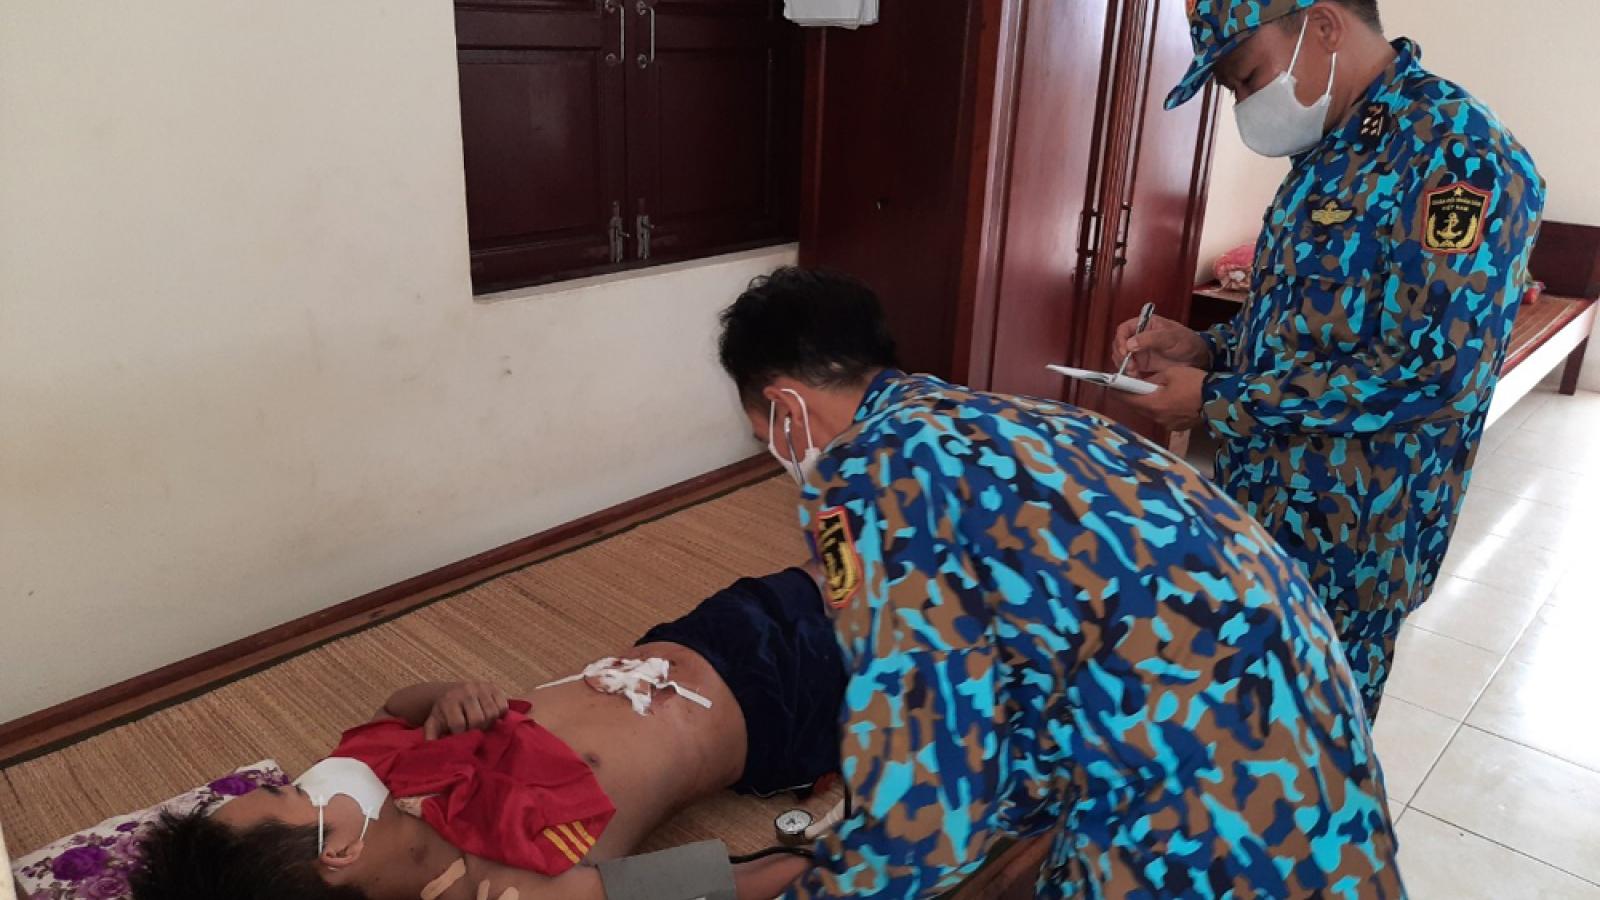 Quân y đảo Tiên Nữ kịp thời cấp cứu ngư dân gặp nạn trên biển